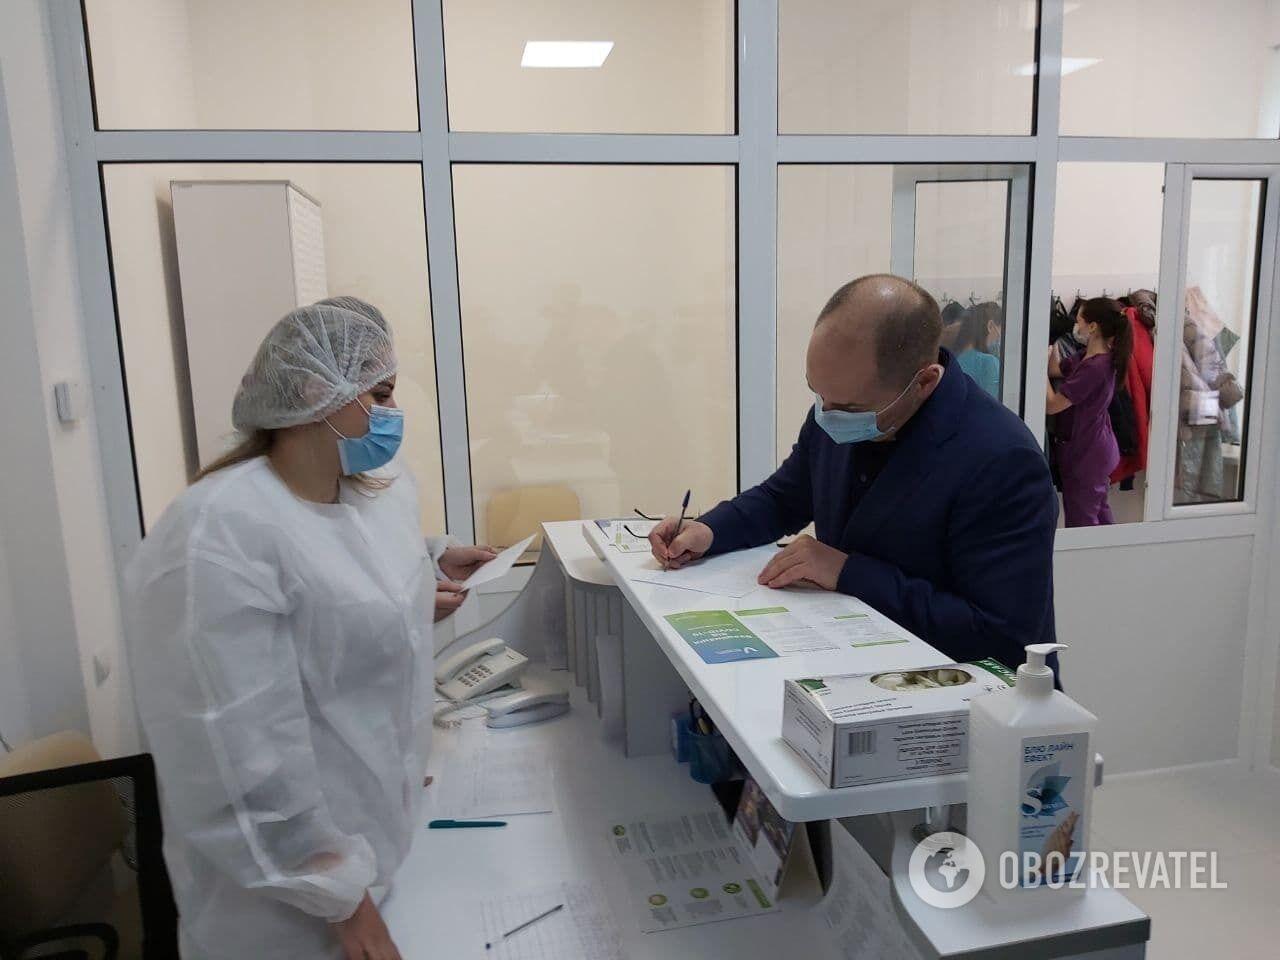 Министр заявил, что он будет вакцинироваться первым.